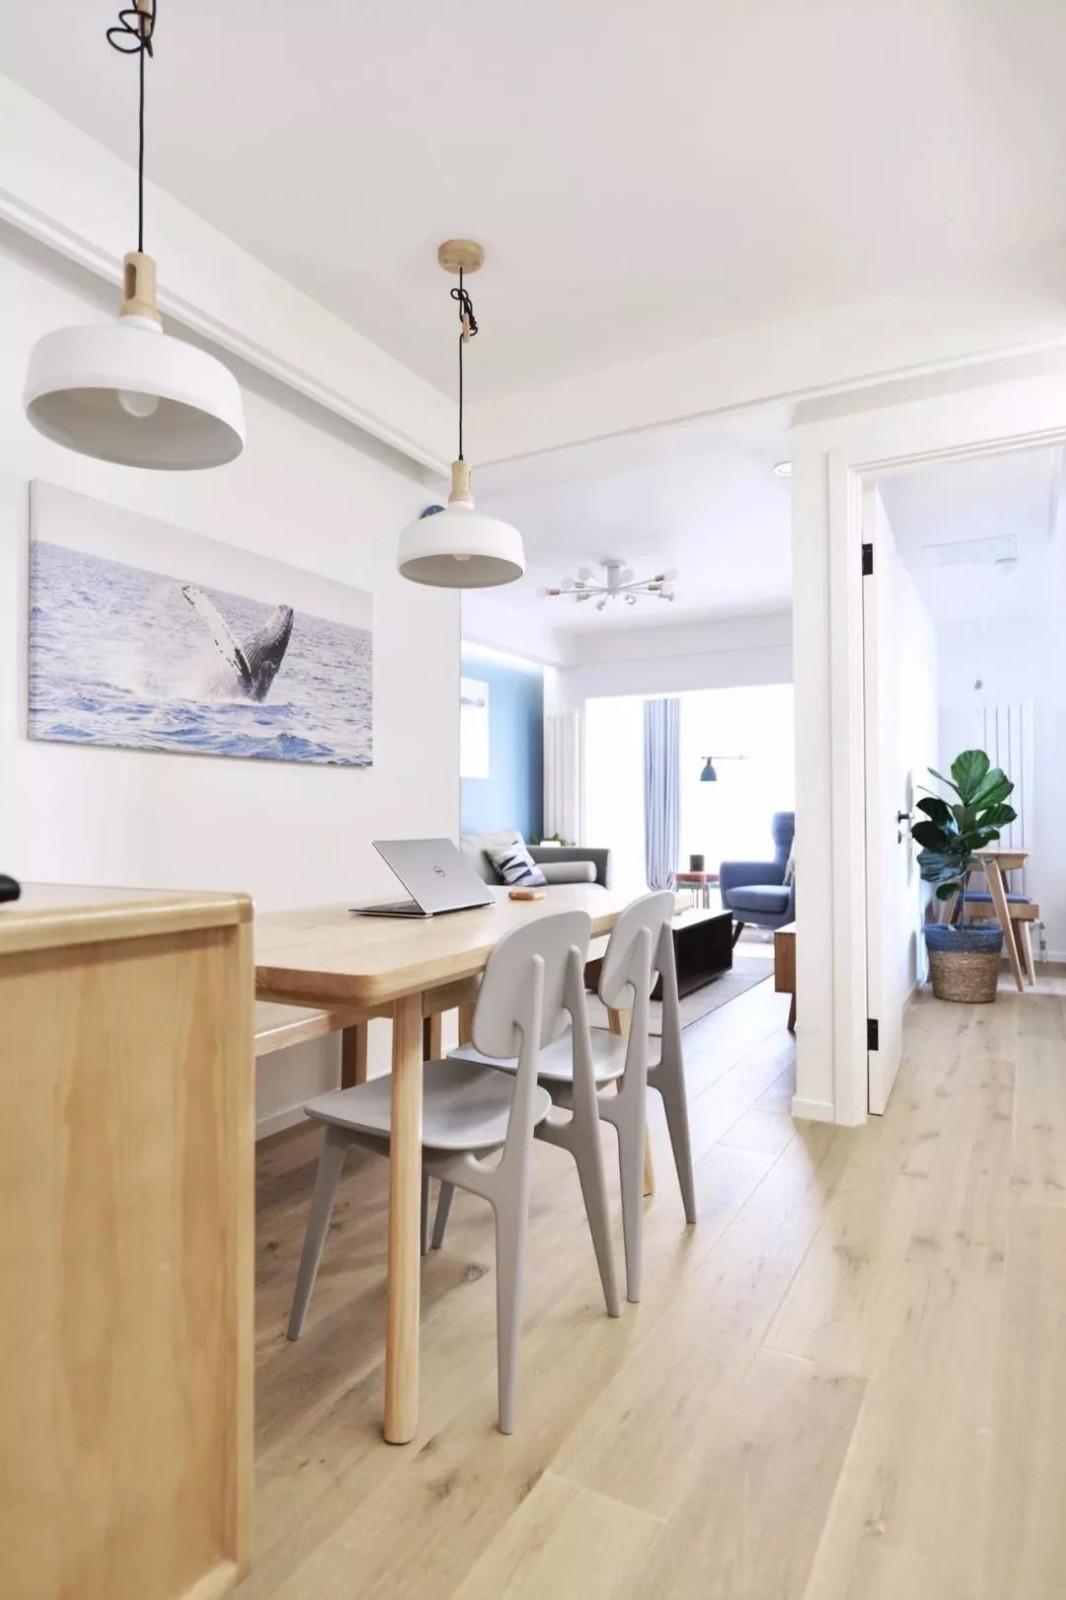 2021简约70平米设计图片 2021简约二居室装修设计